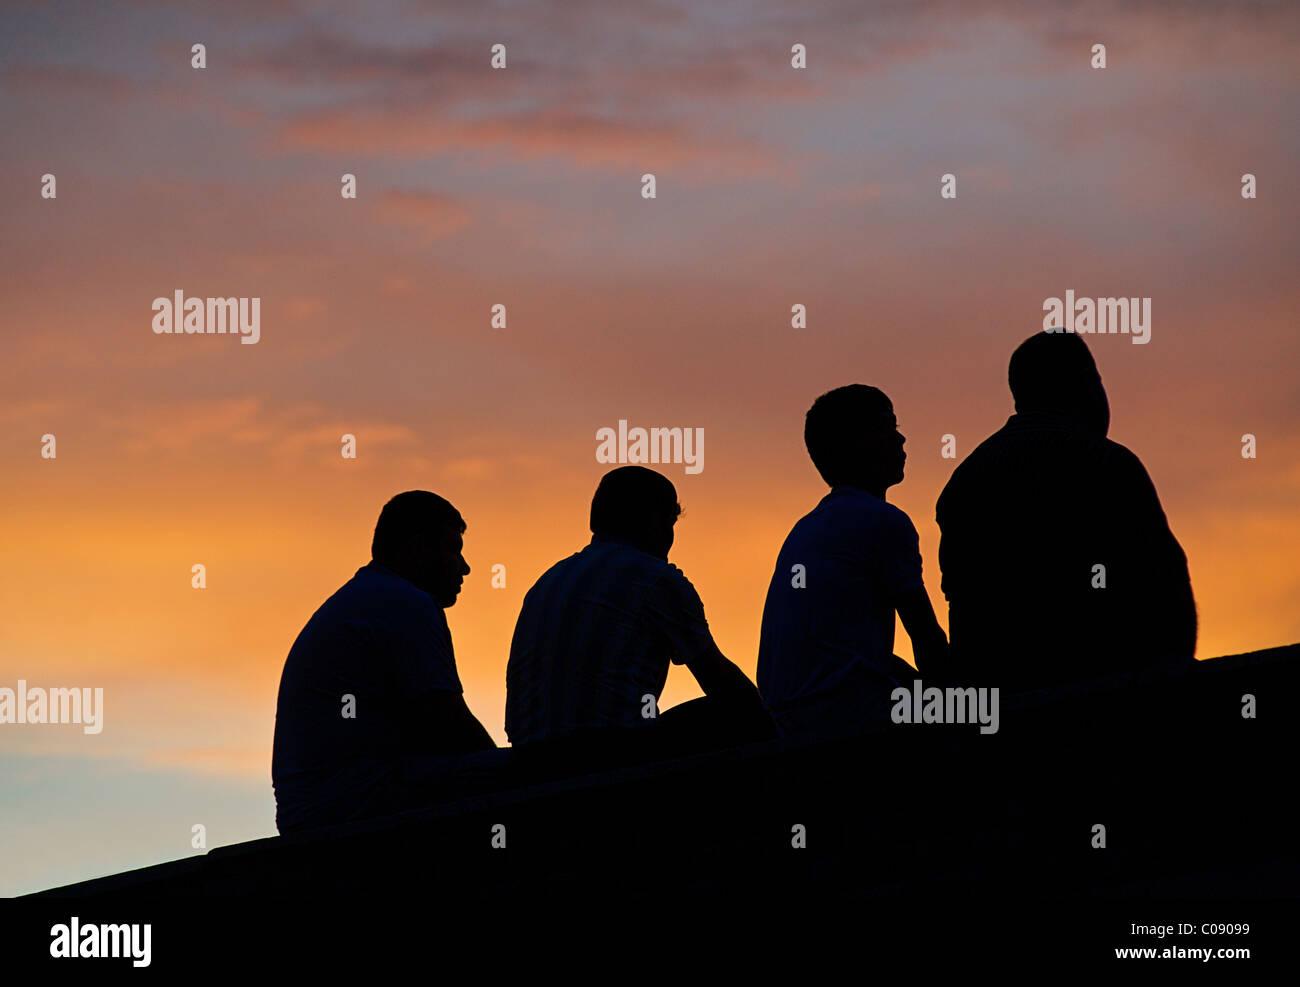 Group of 4 Uzbeki men silhouetted against the sky at dusk, Bukhara, UzbekistanStock Photo